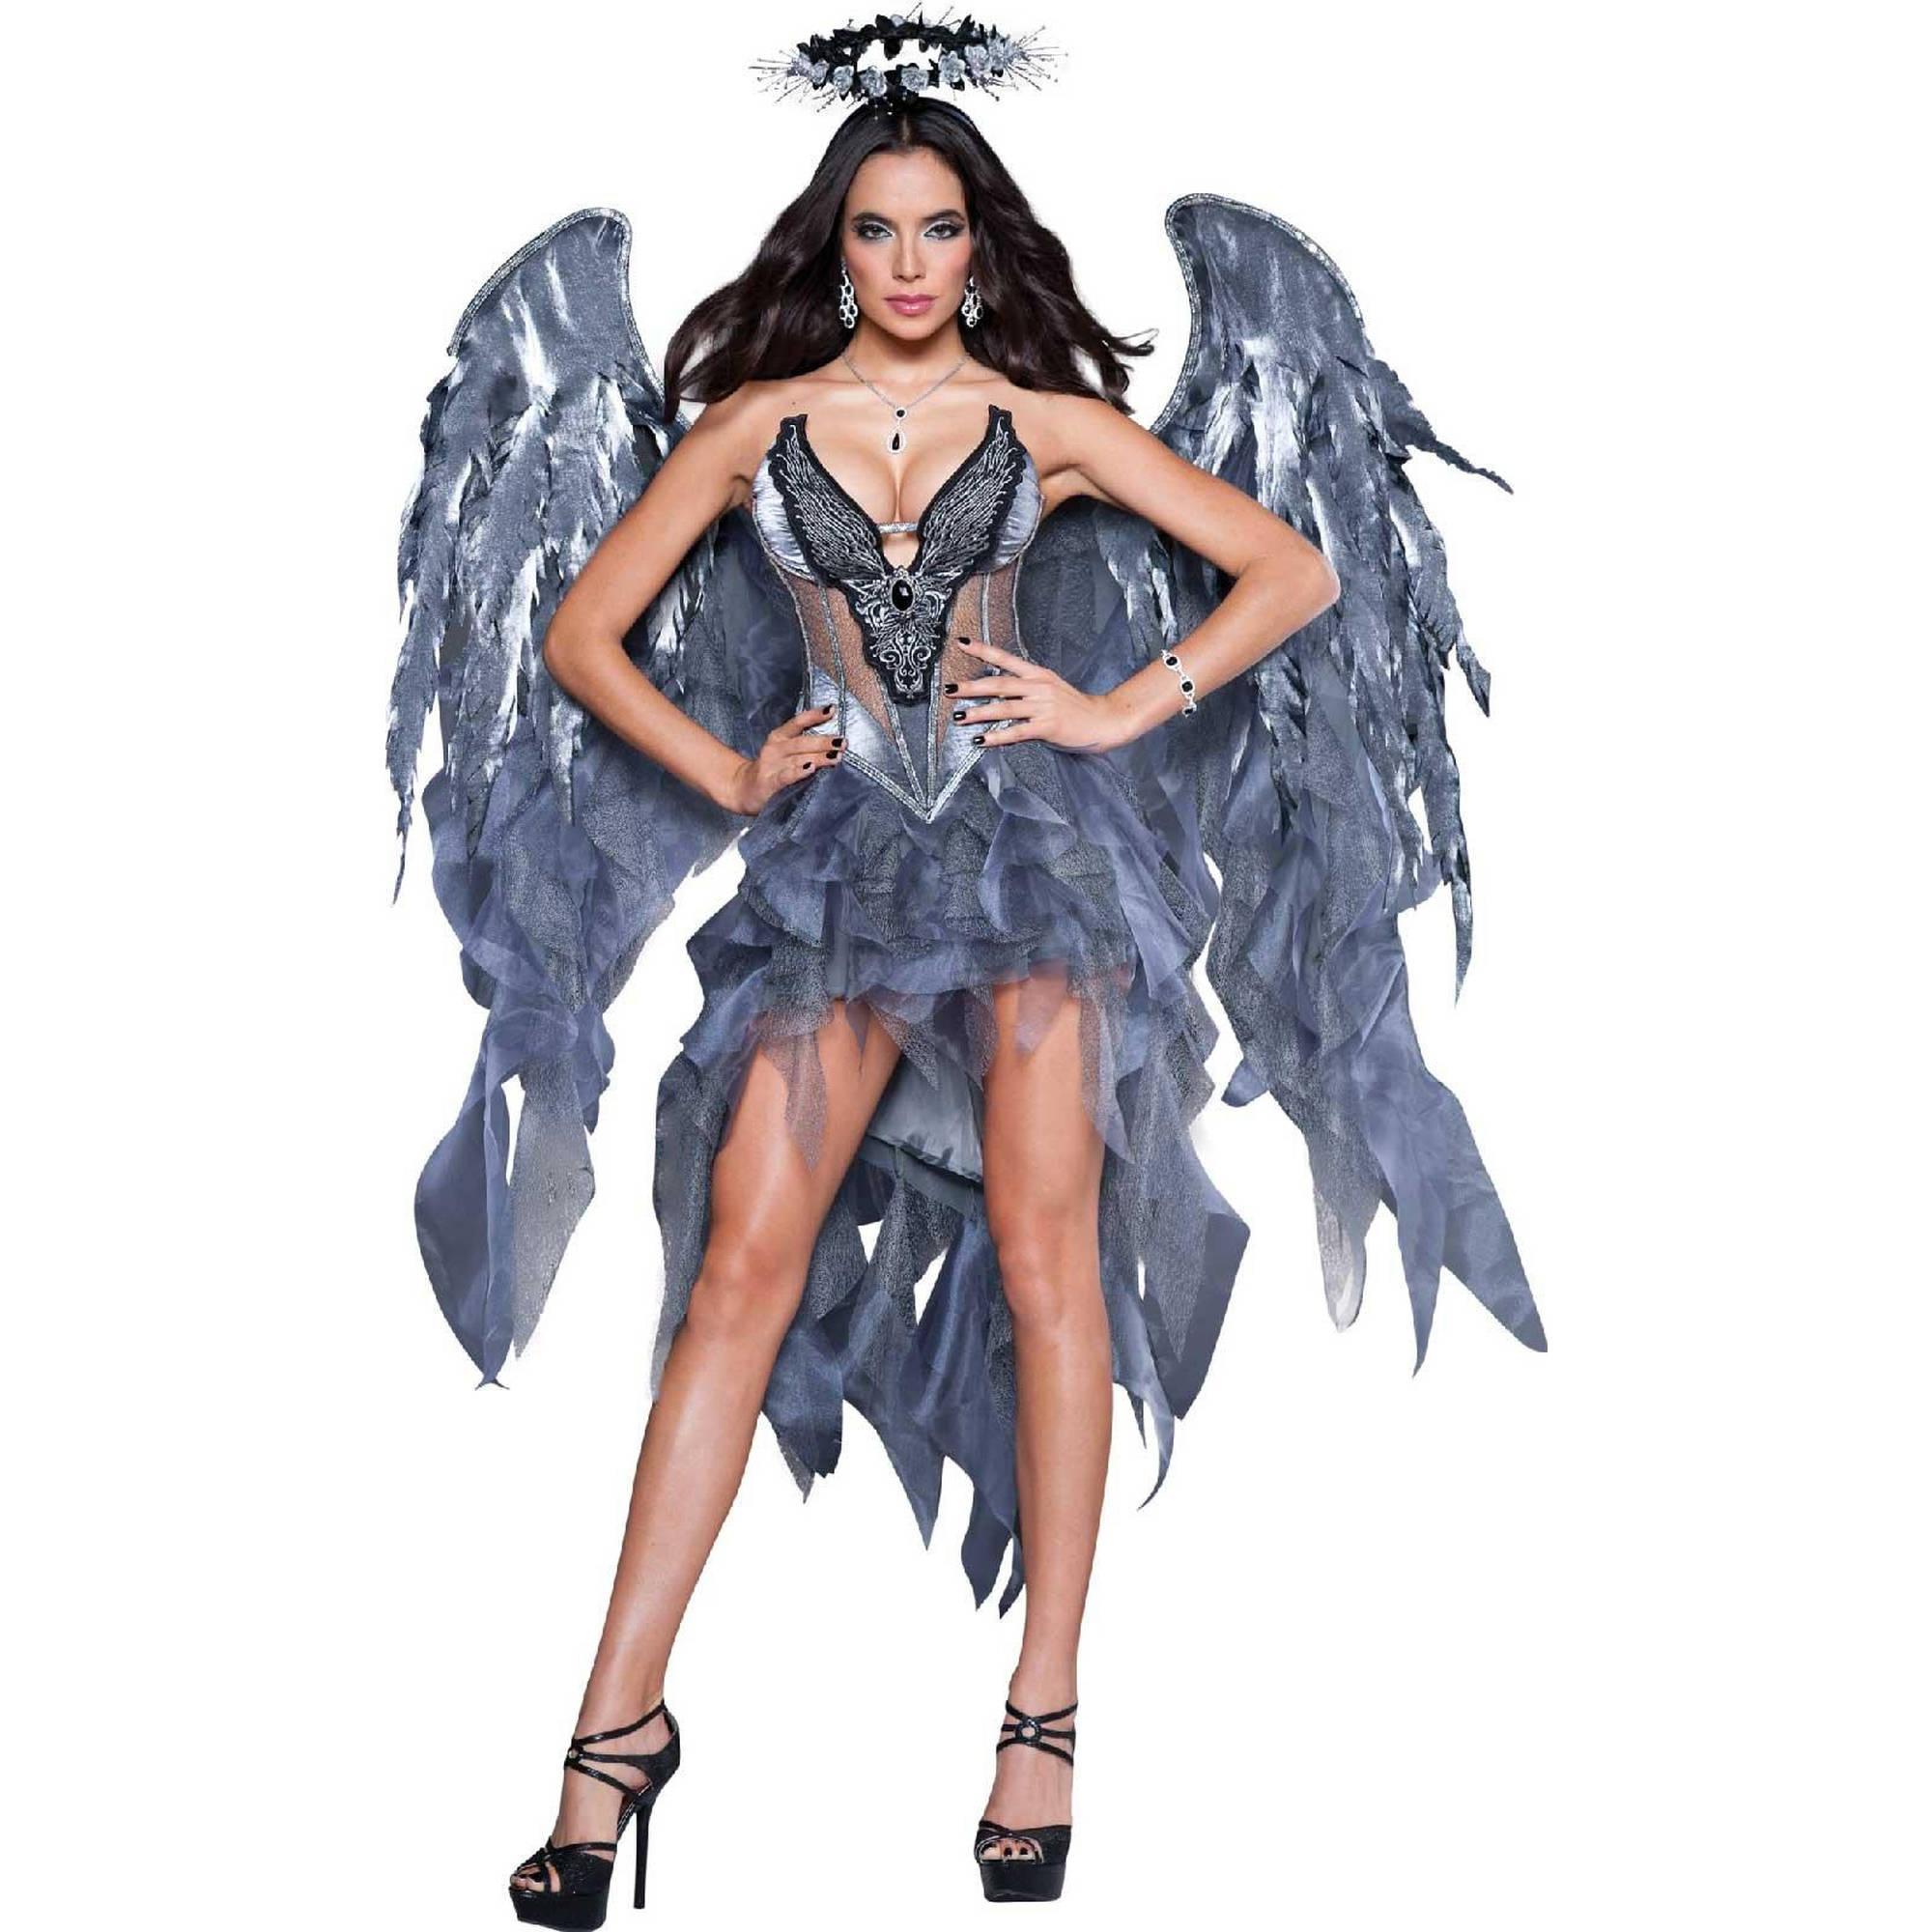 Dark Angel's Desire Dress Women's Adult Halloween Costume